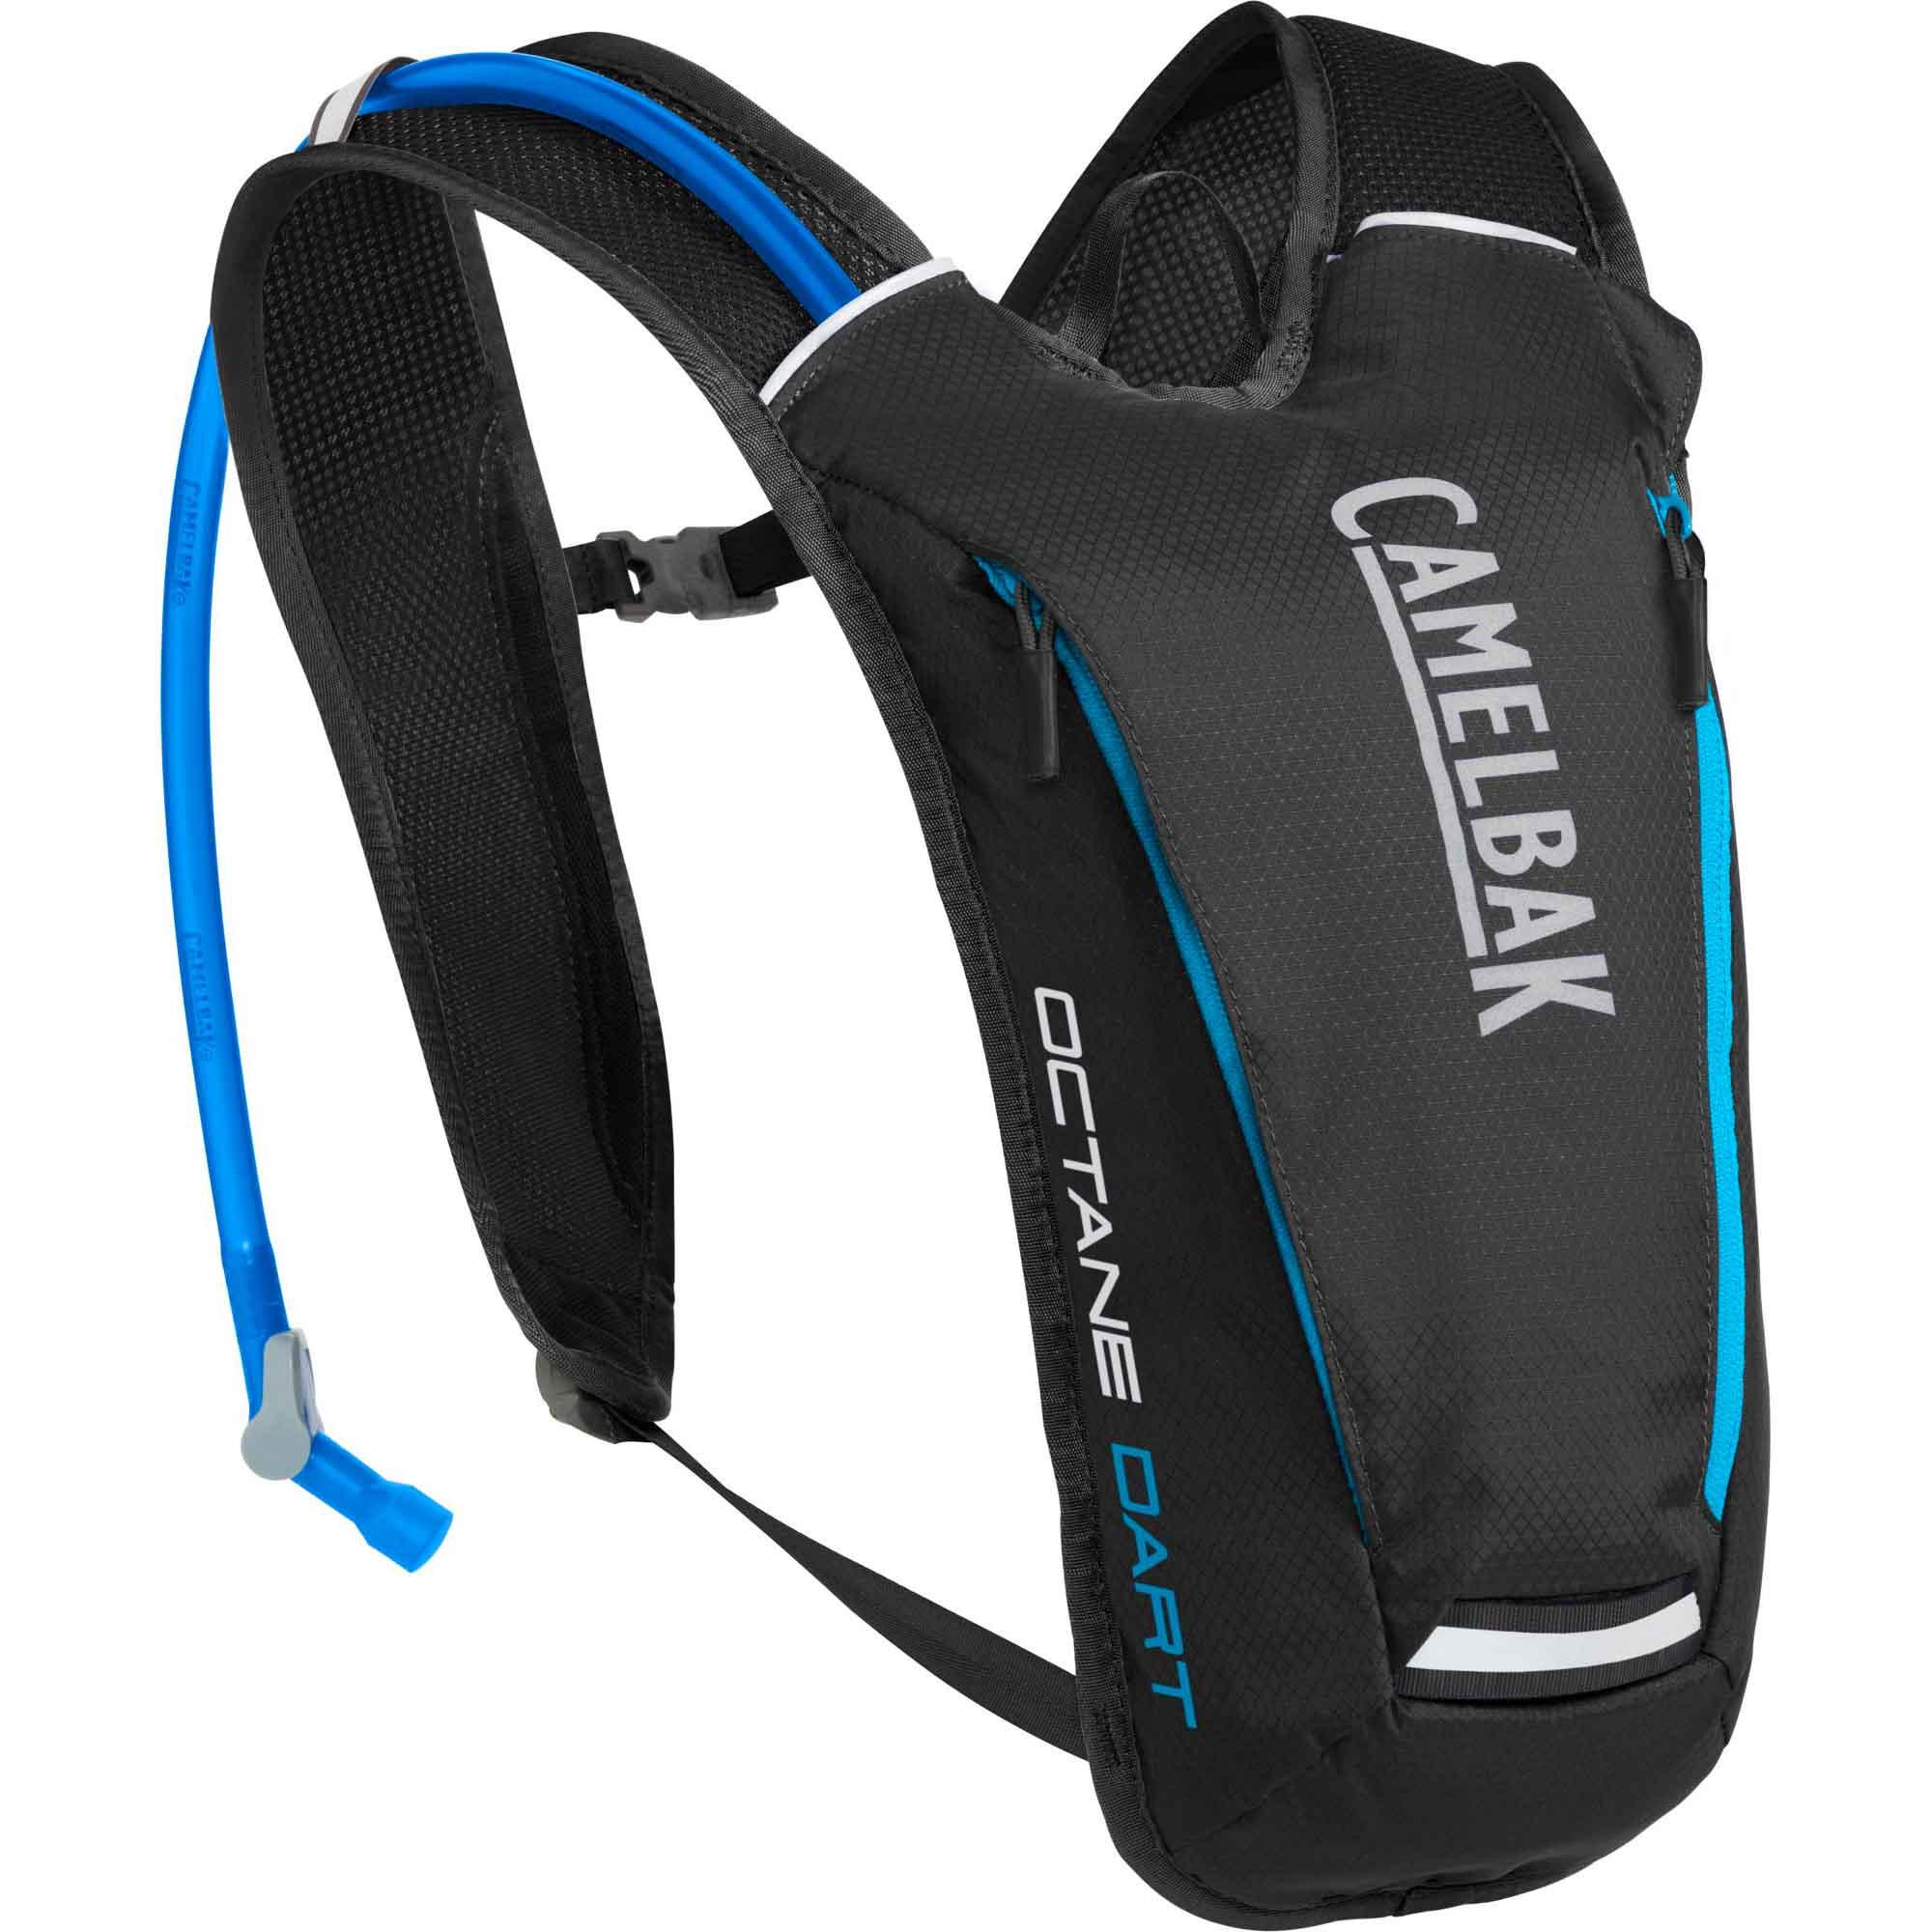 Camelbak Octane Dart Hydration Running Backpack  BlackBlue